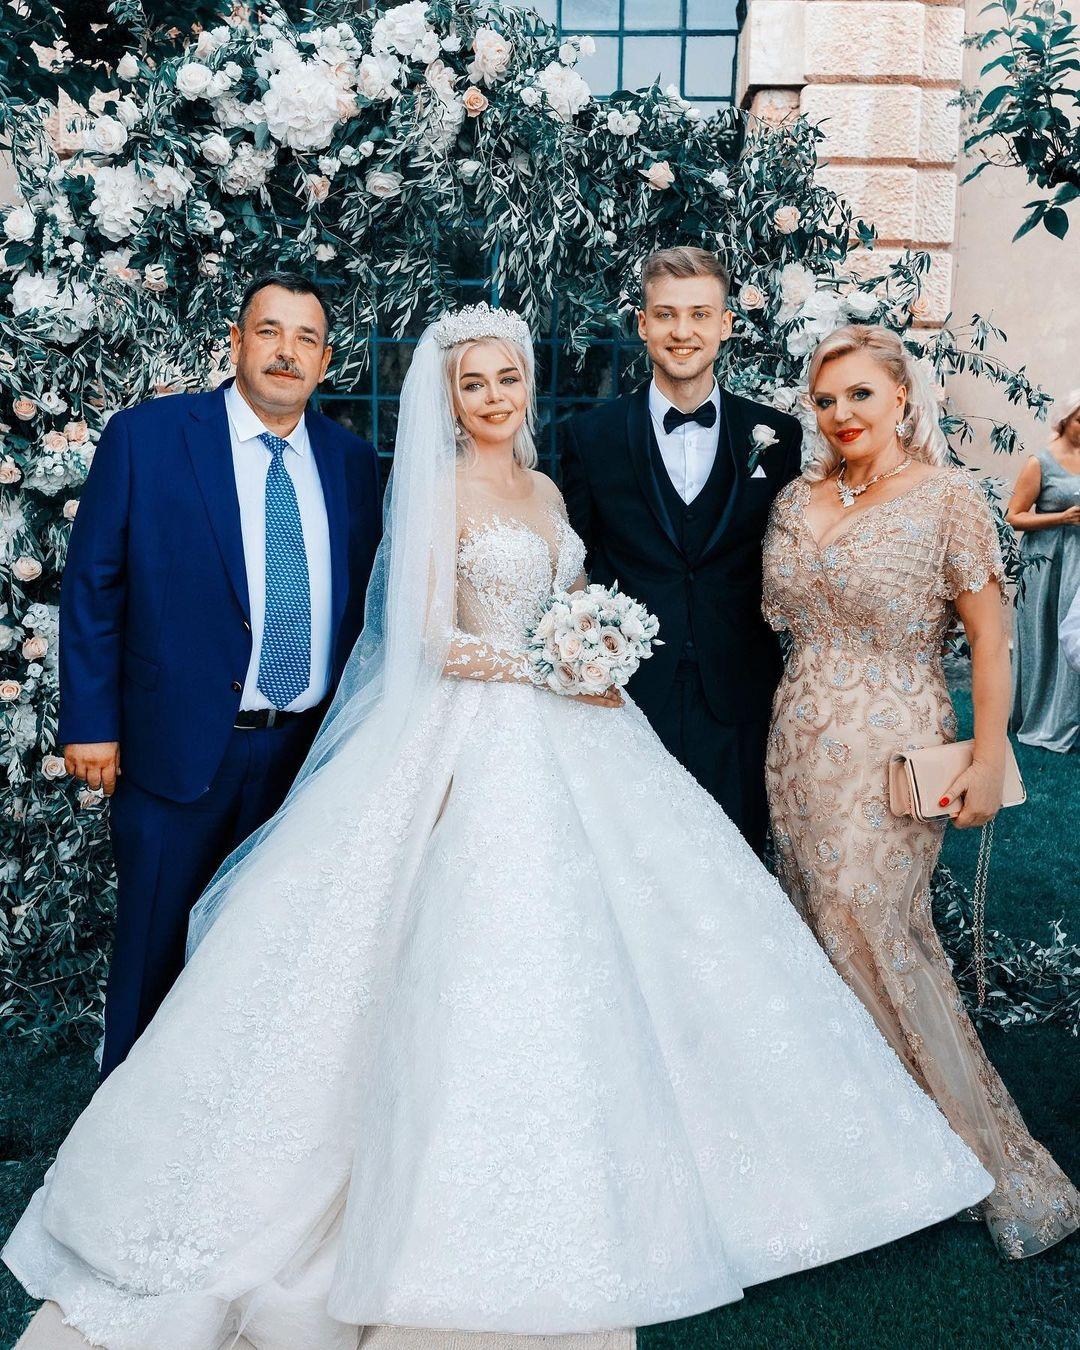 Алина Гросу свадьба свадебное платье пышное белое украинские звезды в чем выходят замуж